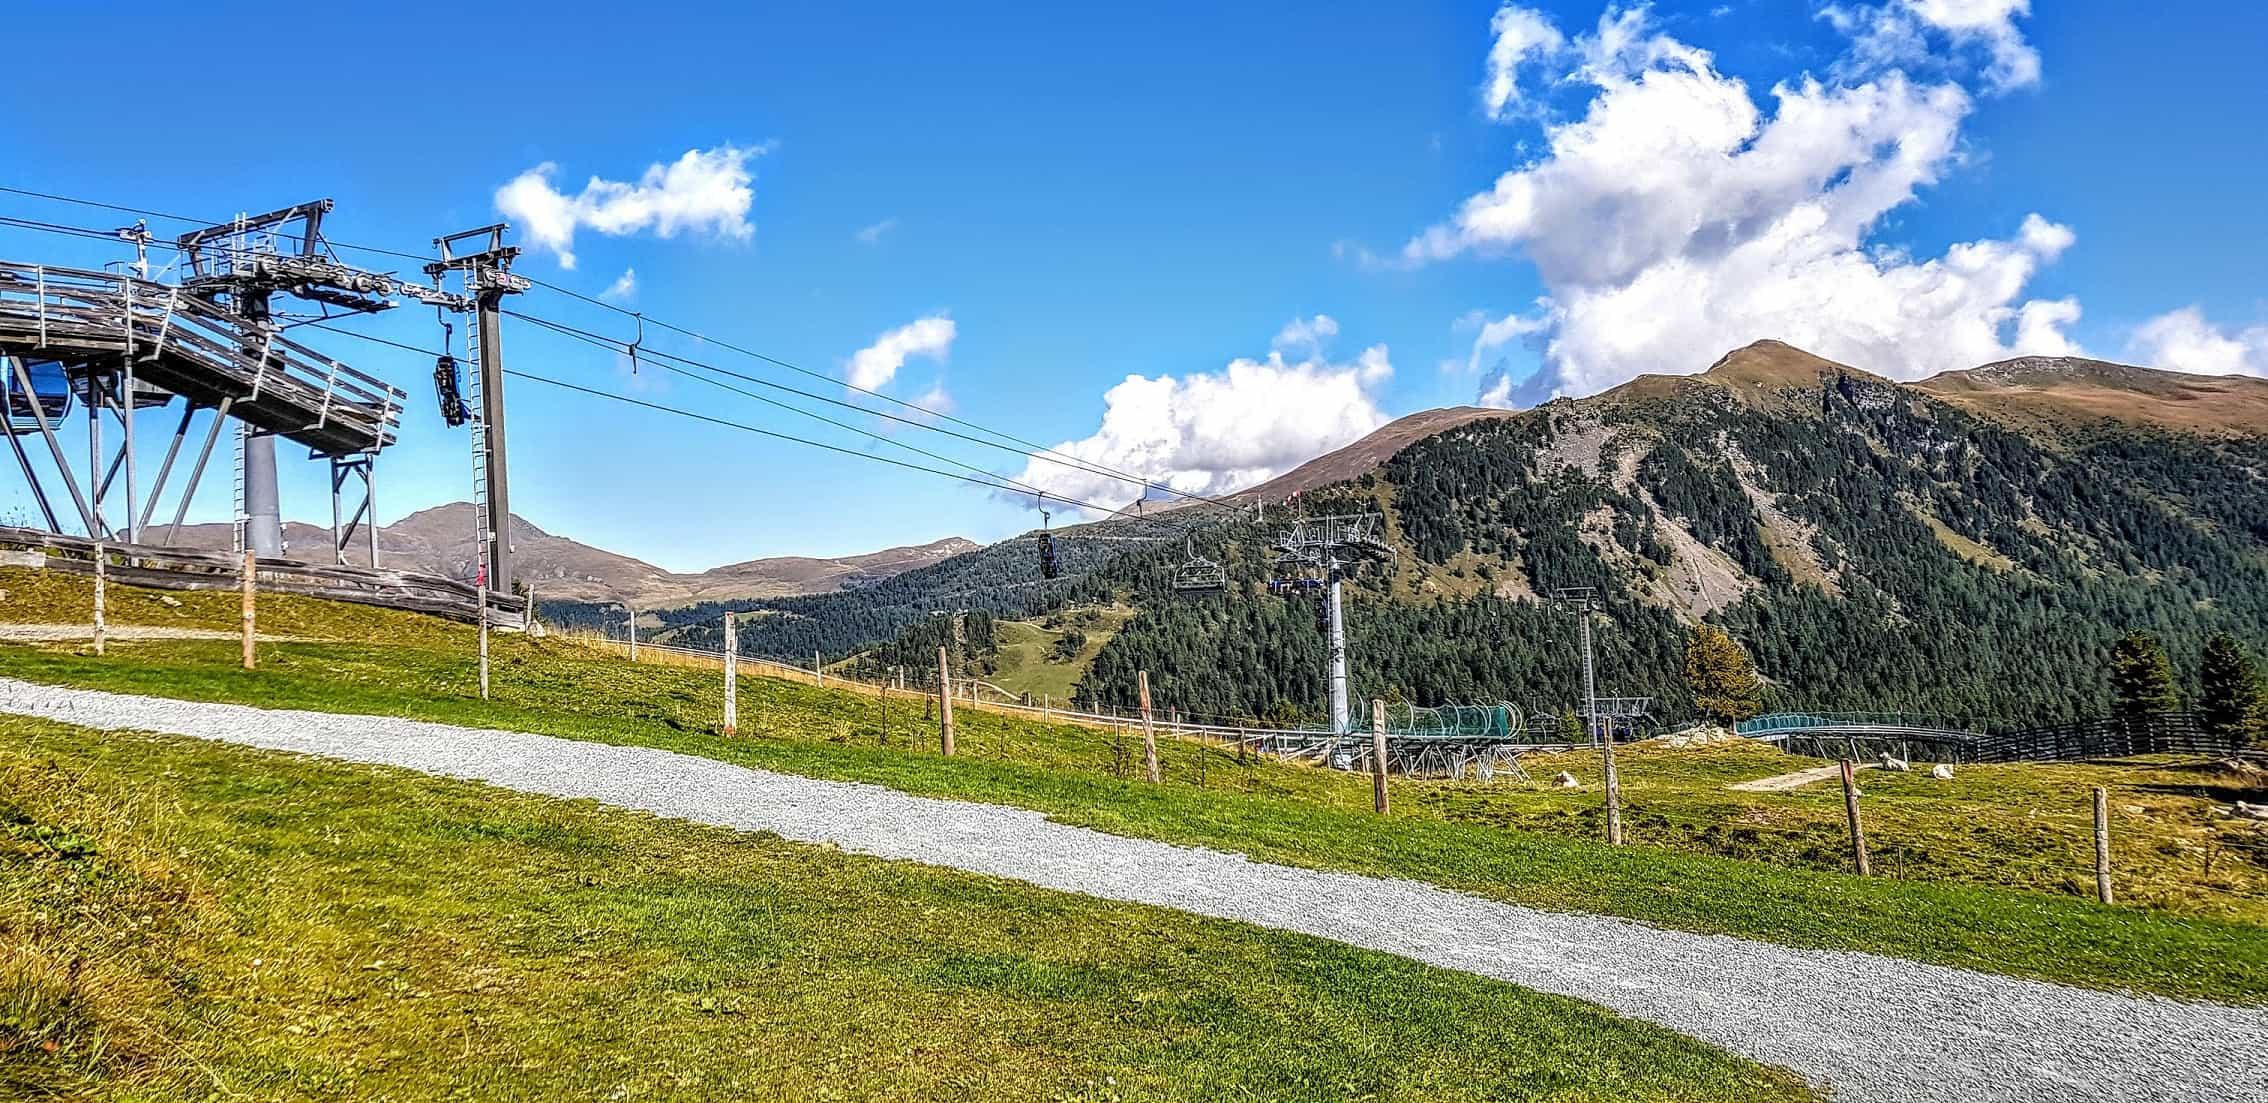 Die Panoramabahn auf der Turrach im Sommer - Bergstation. Gratis mit der Kärnten Card.